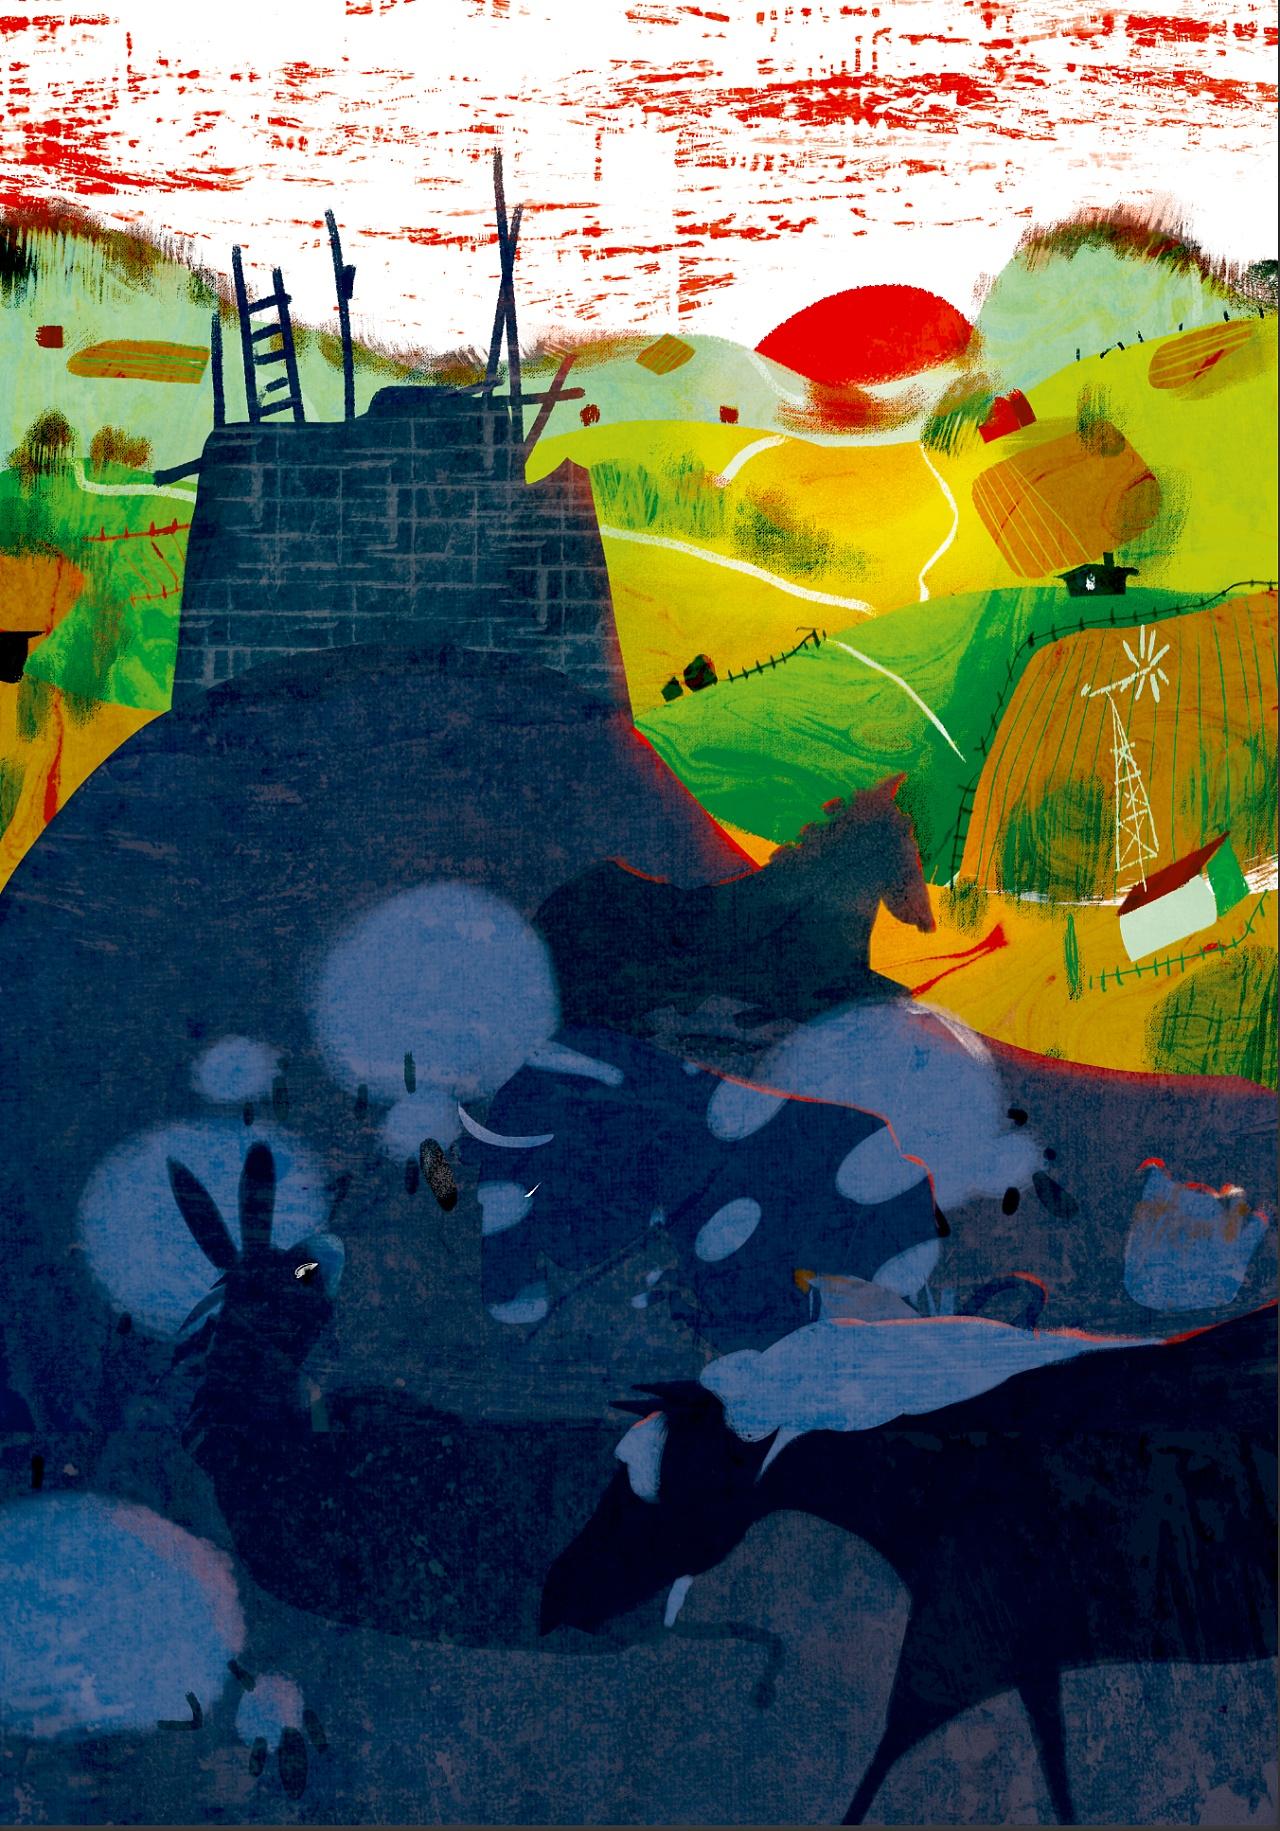 百词斩阅读计划-《动物庄园》封面以及插图